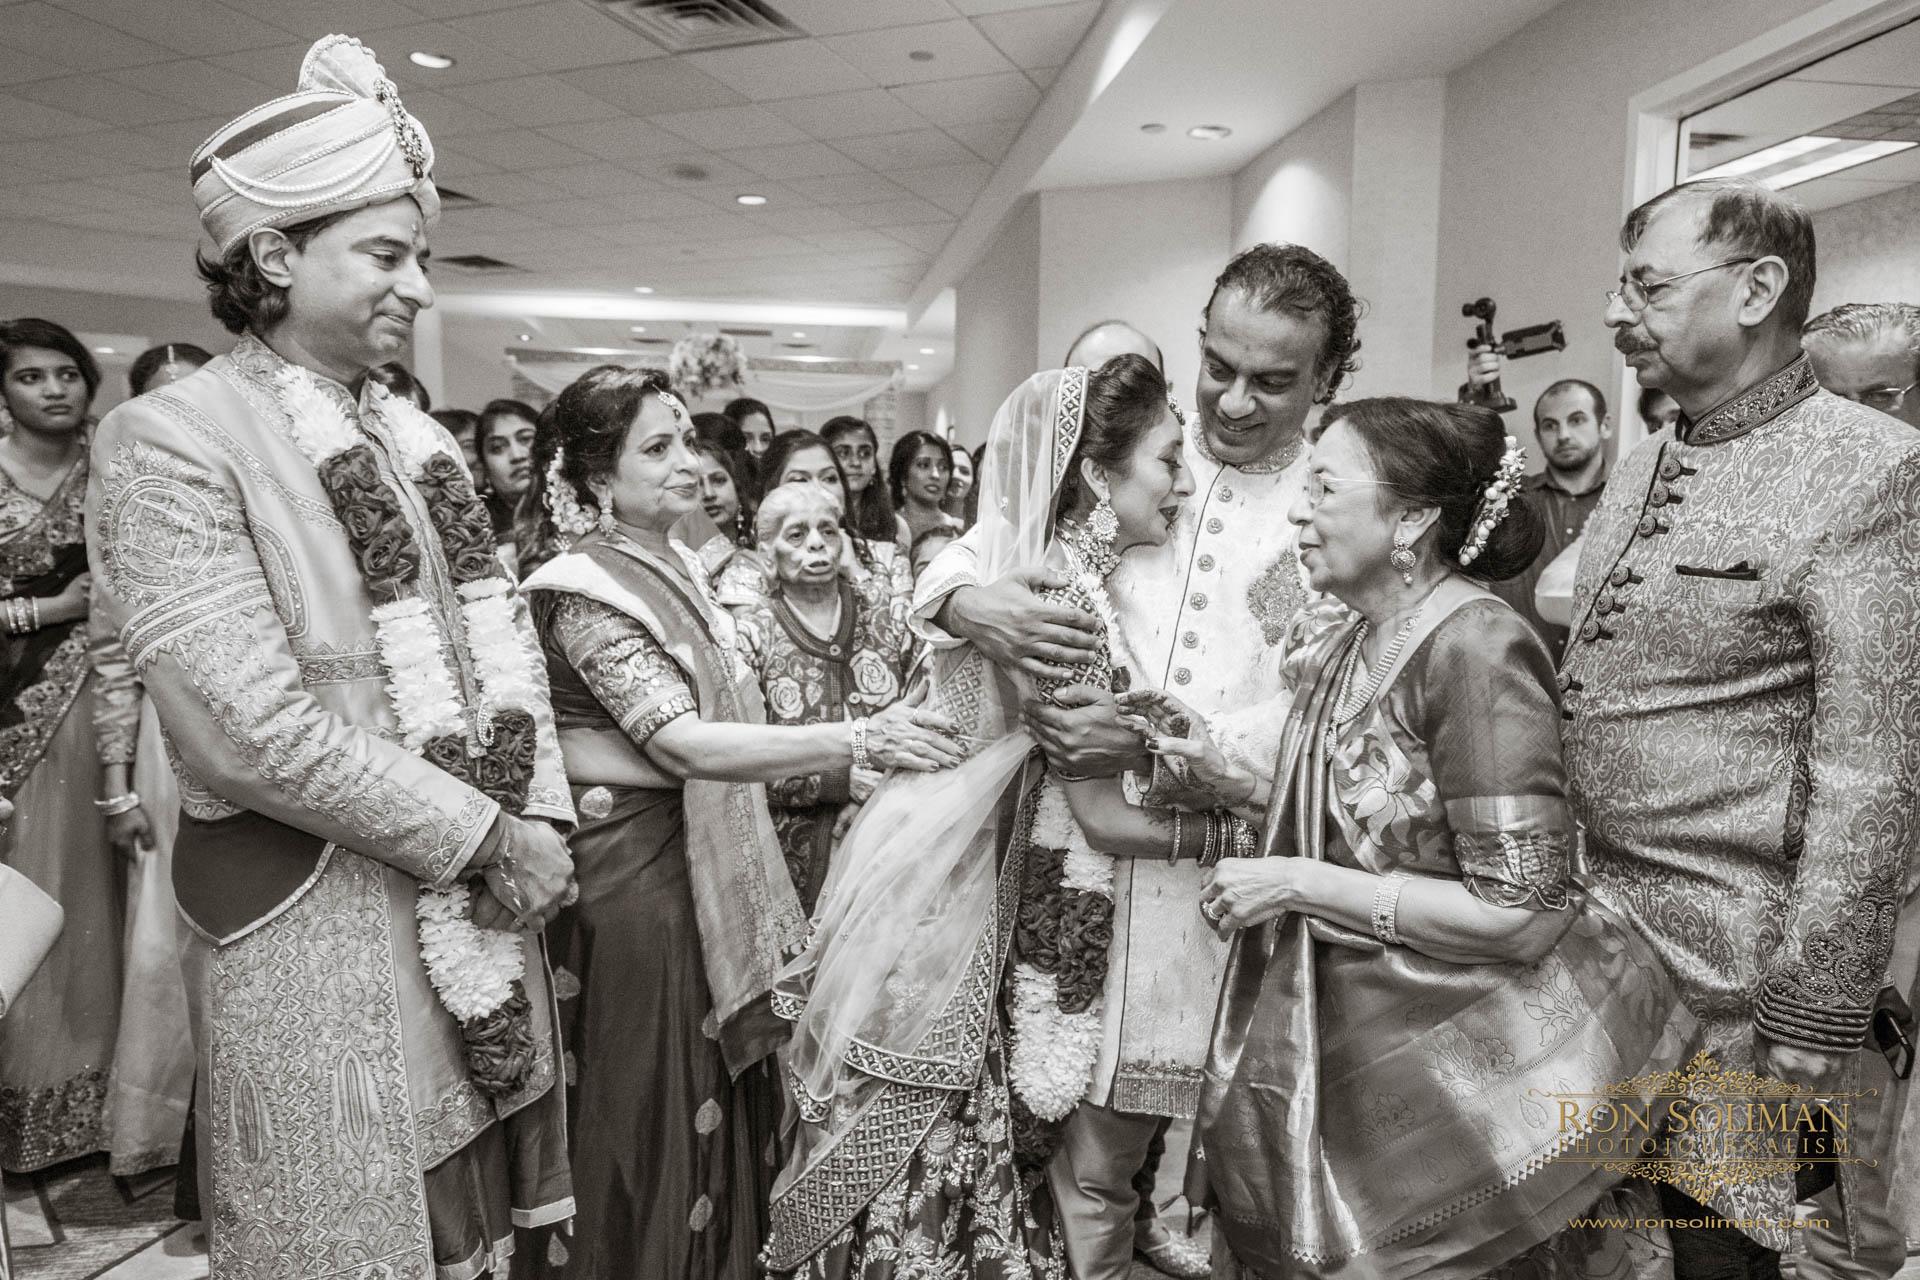 SHERATON MAHWAH INDIAN WEDDING 13